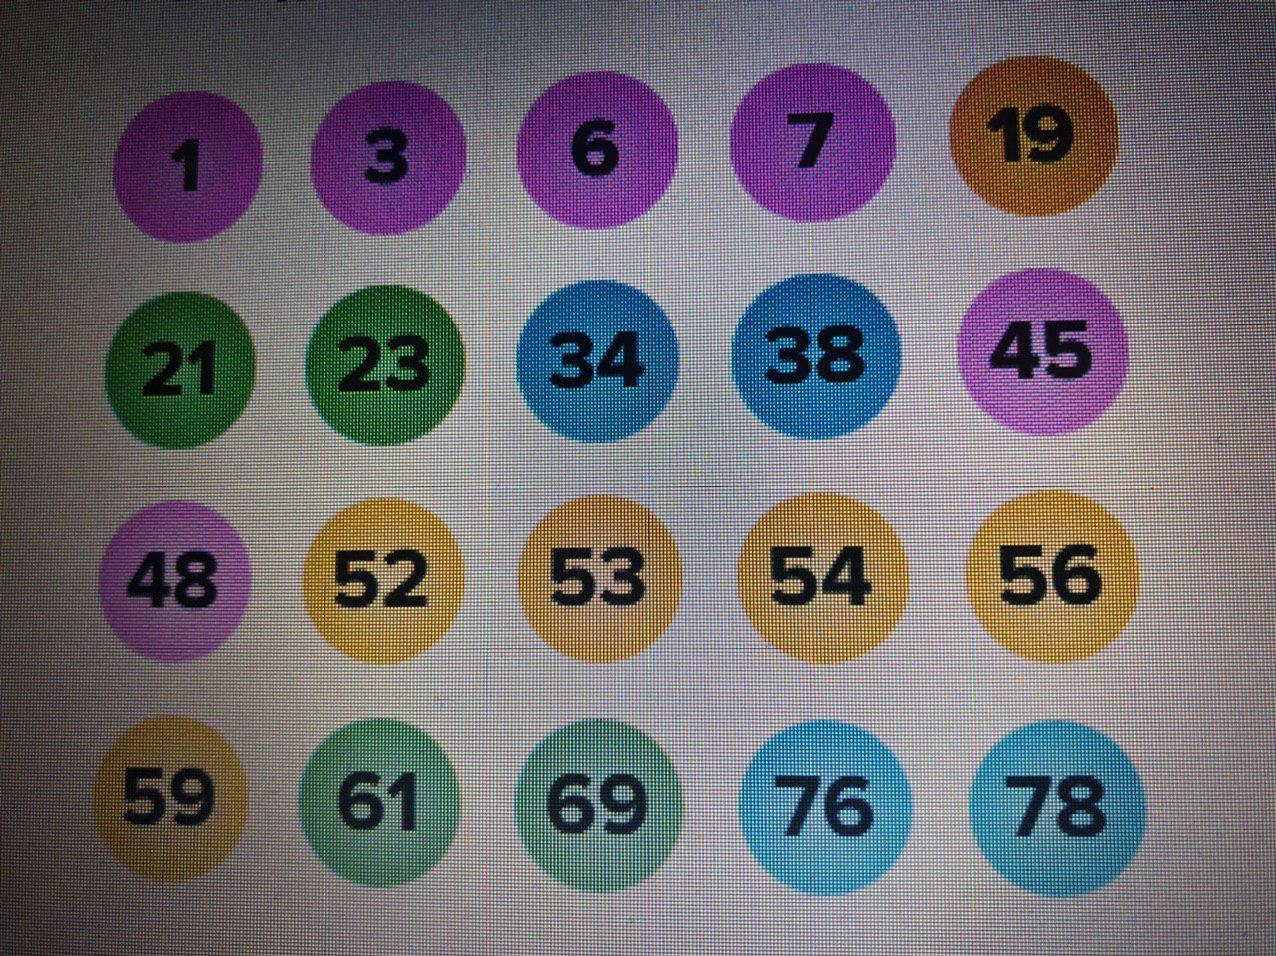 Игровые автоматы кено играть бесплатно играть автоматы игровые бесплатно пирамида